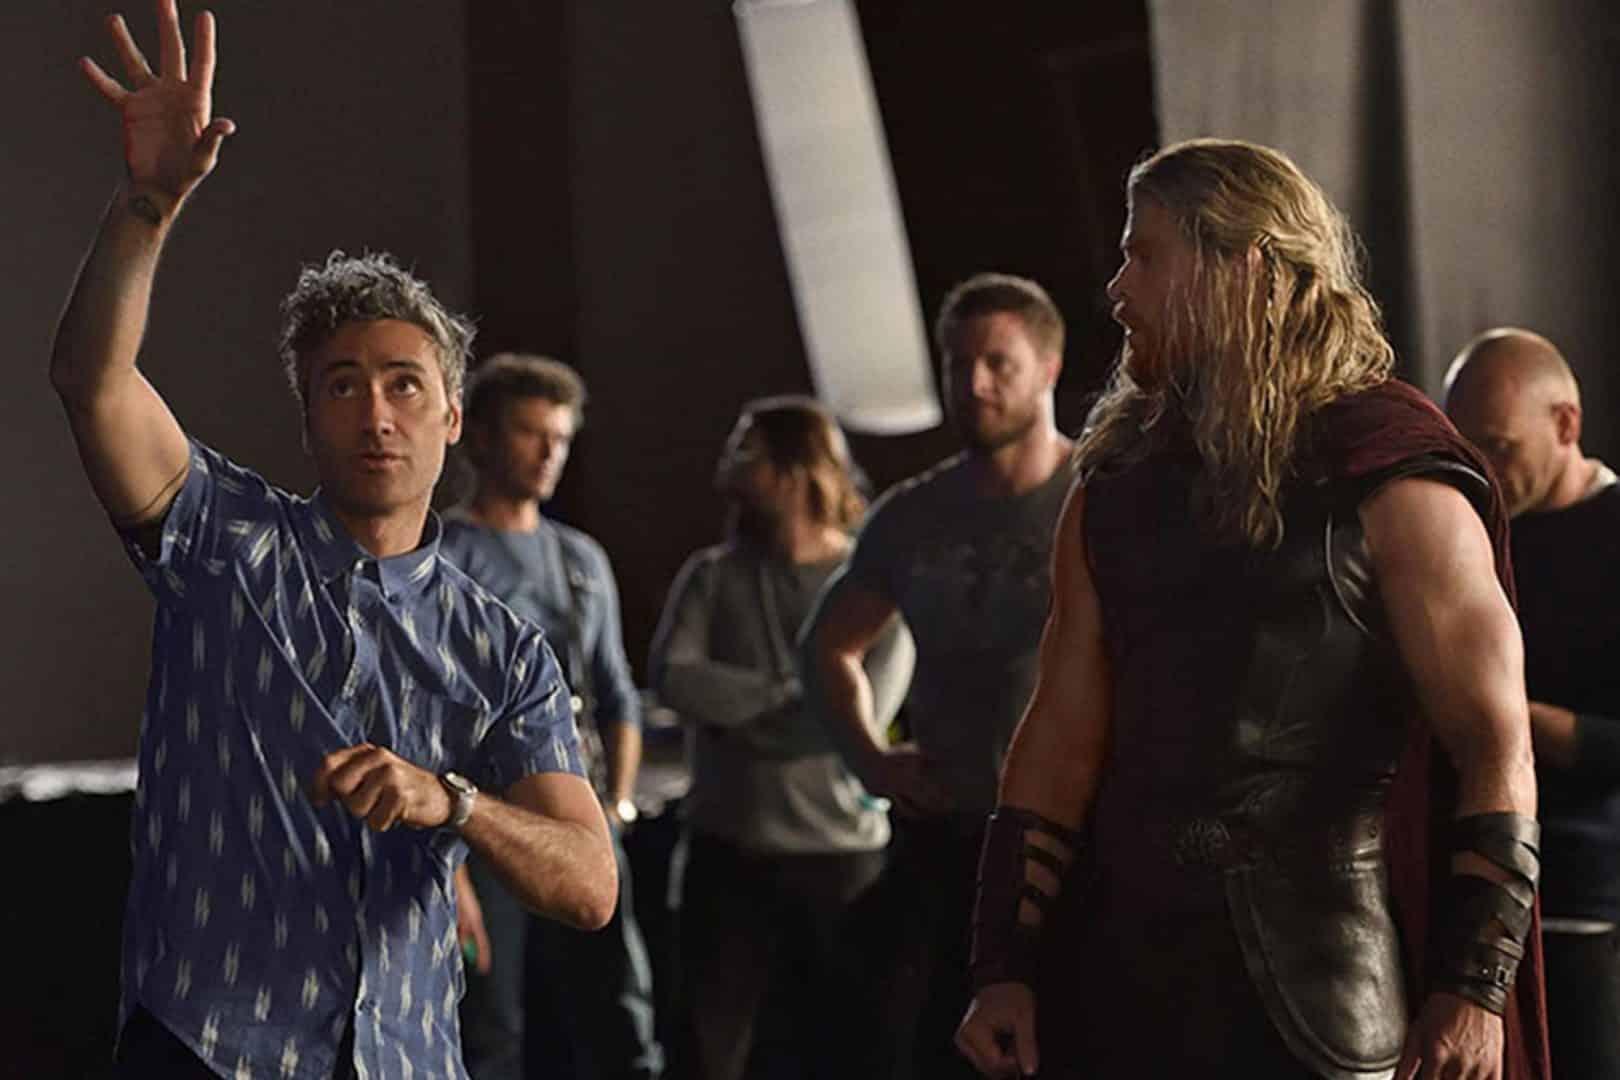 Vo filme z produkcie Marvel Studios, Thor: Ragnarok, Thor je uväznený na druhej strane vesmíru bez jeho mocného kladiva a preteká s časom, aby sa dostal do Asgardu a zastavil Ragnarok – deštrukciu sveta na konci Asgardskej civilizácie – ktorá je v rukách novej mocnej hrozby, ukrutnej ženy menom Hela. Najprv však musí prežiť smrtiaci gladiátorský zápas, kde sa postaví proti jeho bývalému spojencovi a Avengerovi – Neuveriteľnému Hulkovi!